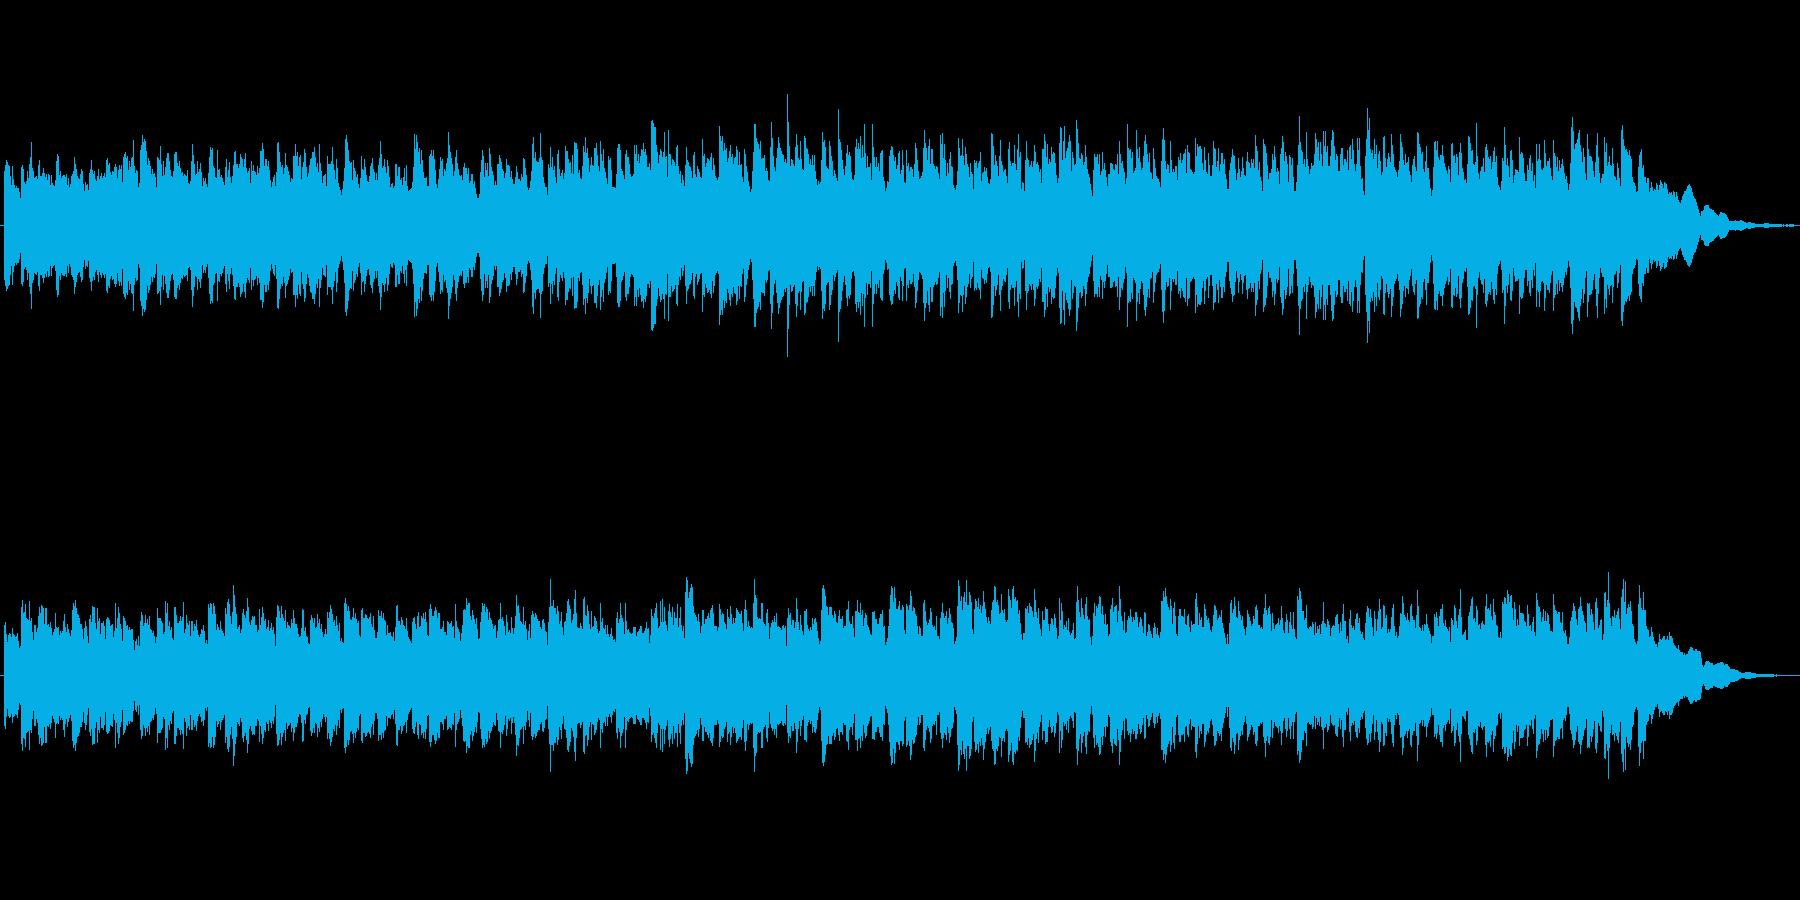 キラキラシンセの沖縄風ジングルの再生済みの波形